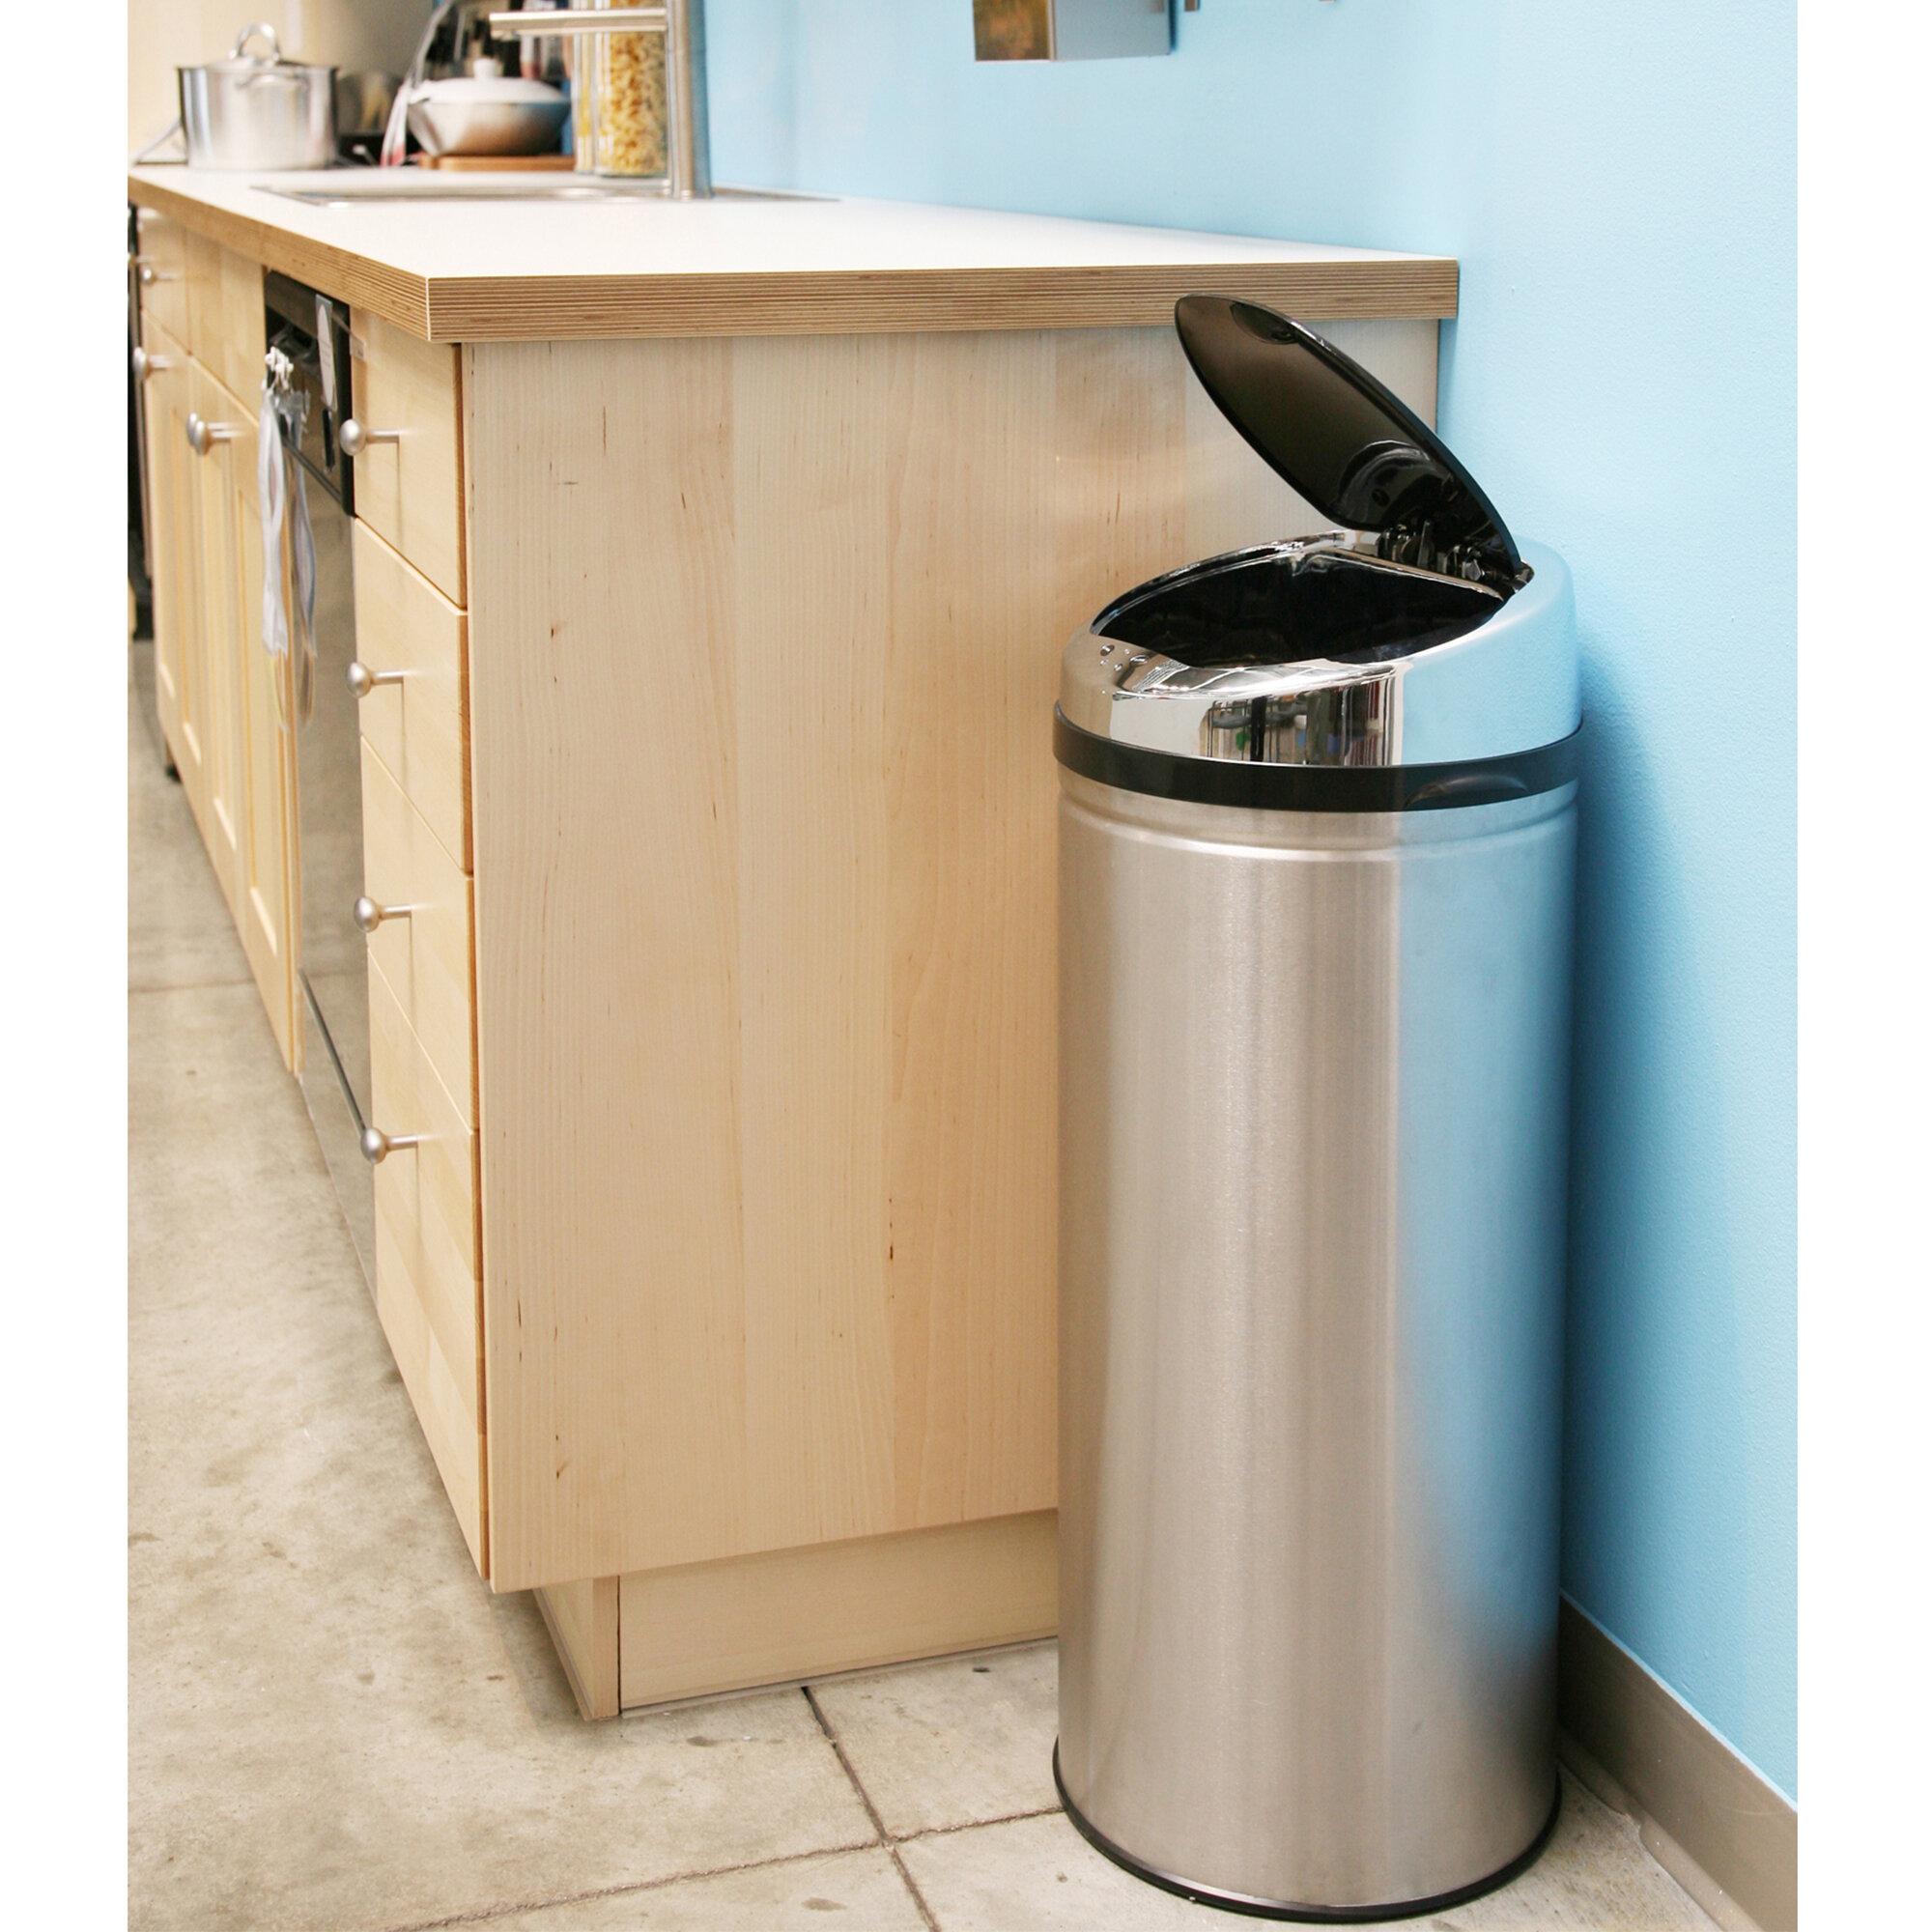 Erlandson Stainless Steel 13 Gallon Motion Sensor Trash Can Reviews Allmodern